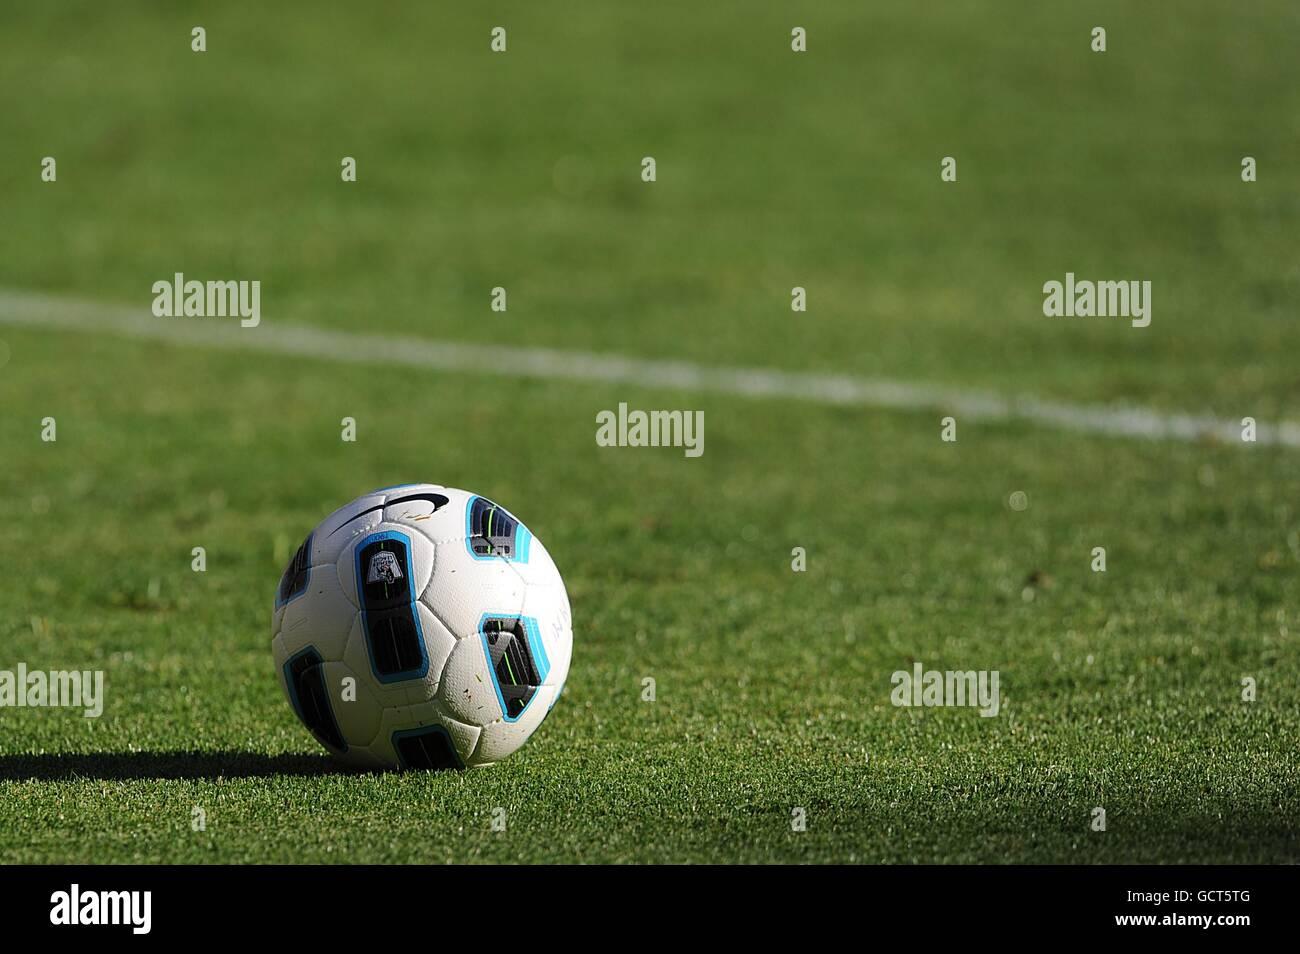 online retailer 41b0d 17b15 Soccer - Barclays Premier League - Wolverhampton Wanderers v West Ham  United - Molineaux - Stock